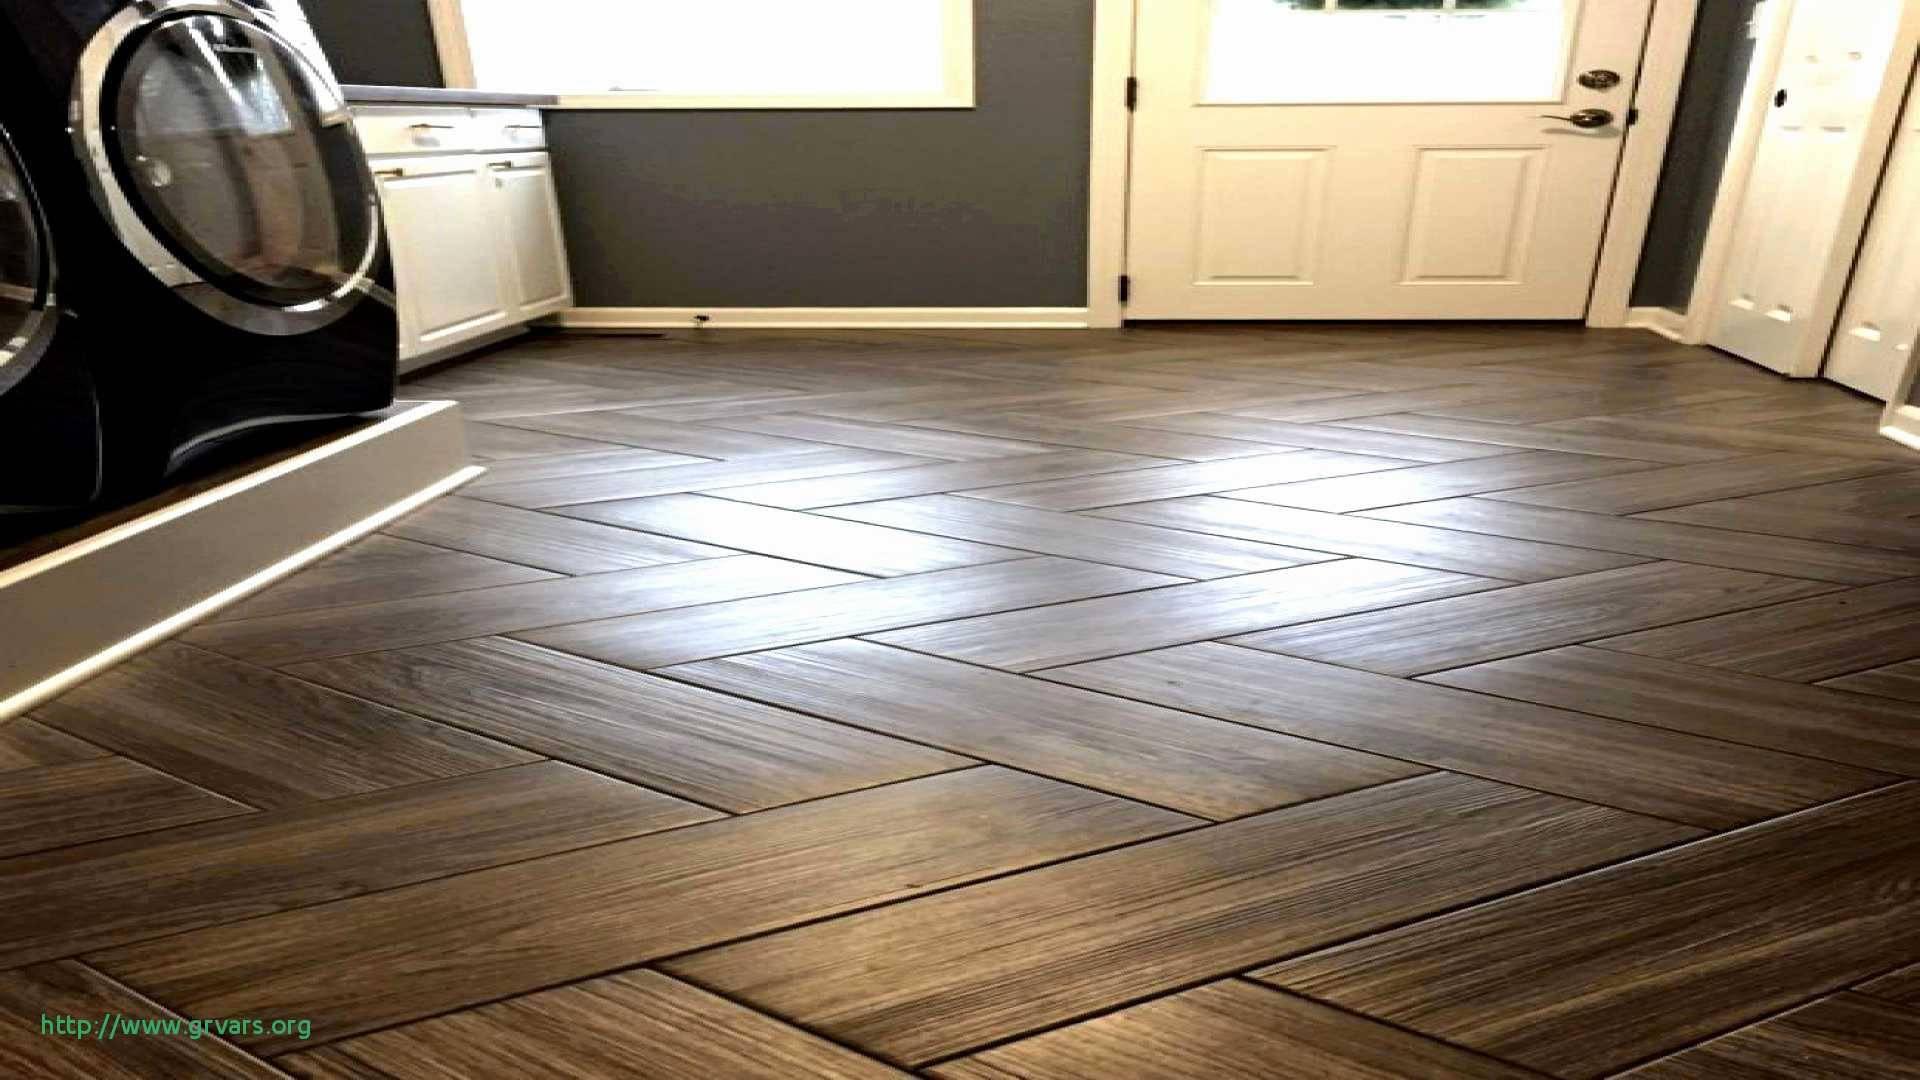 hardwood floor cleaner pet safe of 18 meilleur de linoleum floor cleaner machine ideas blog pertaining to kitchen floor tiles home depot elegant s media cache ak0 pinimg 736x 43 0d 97 best